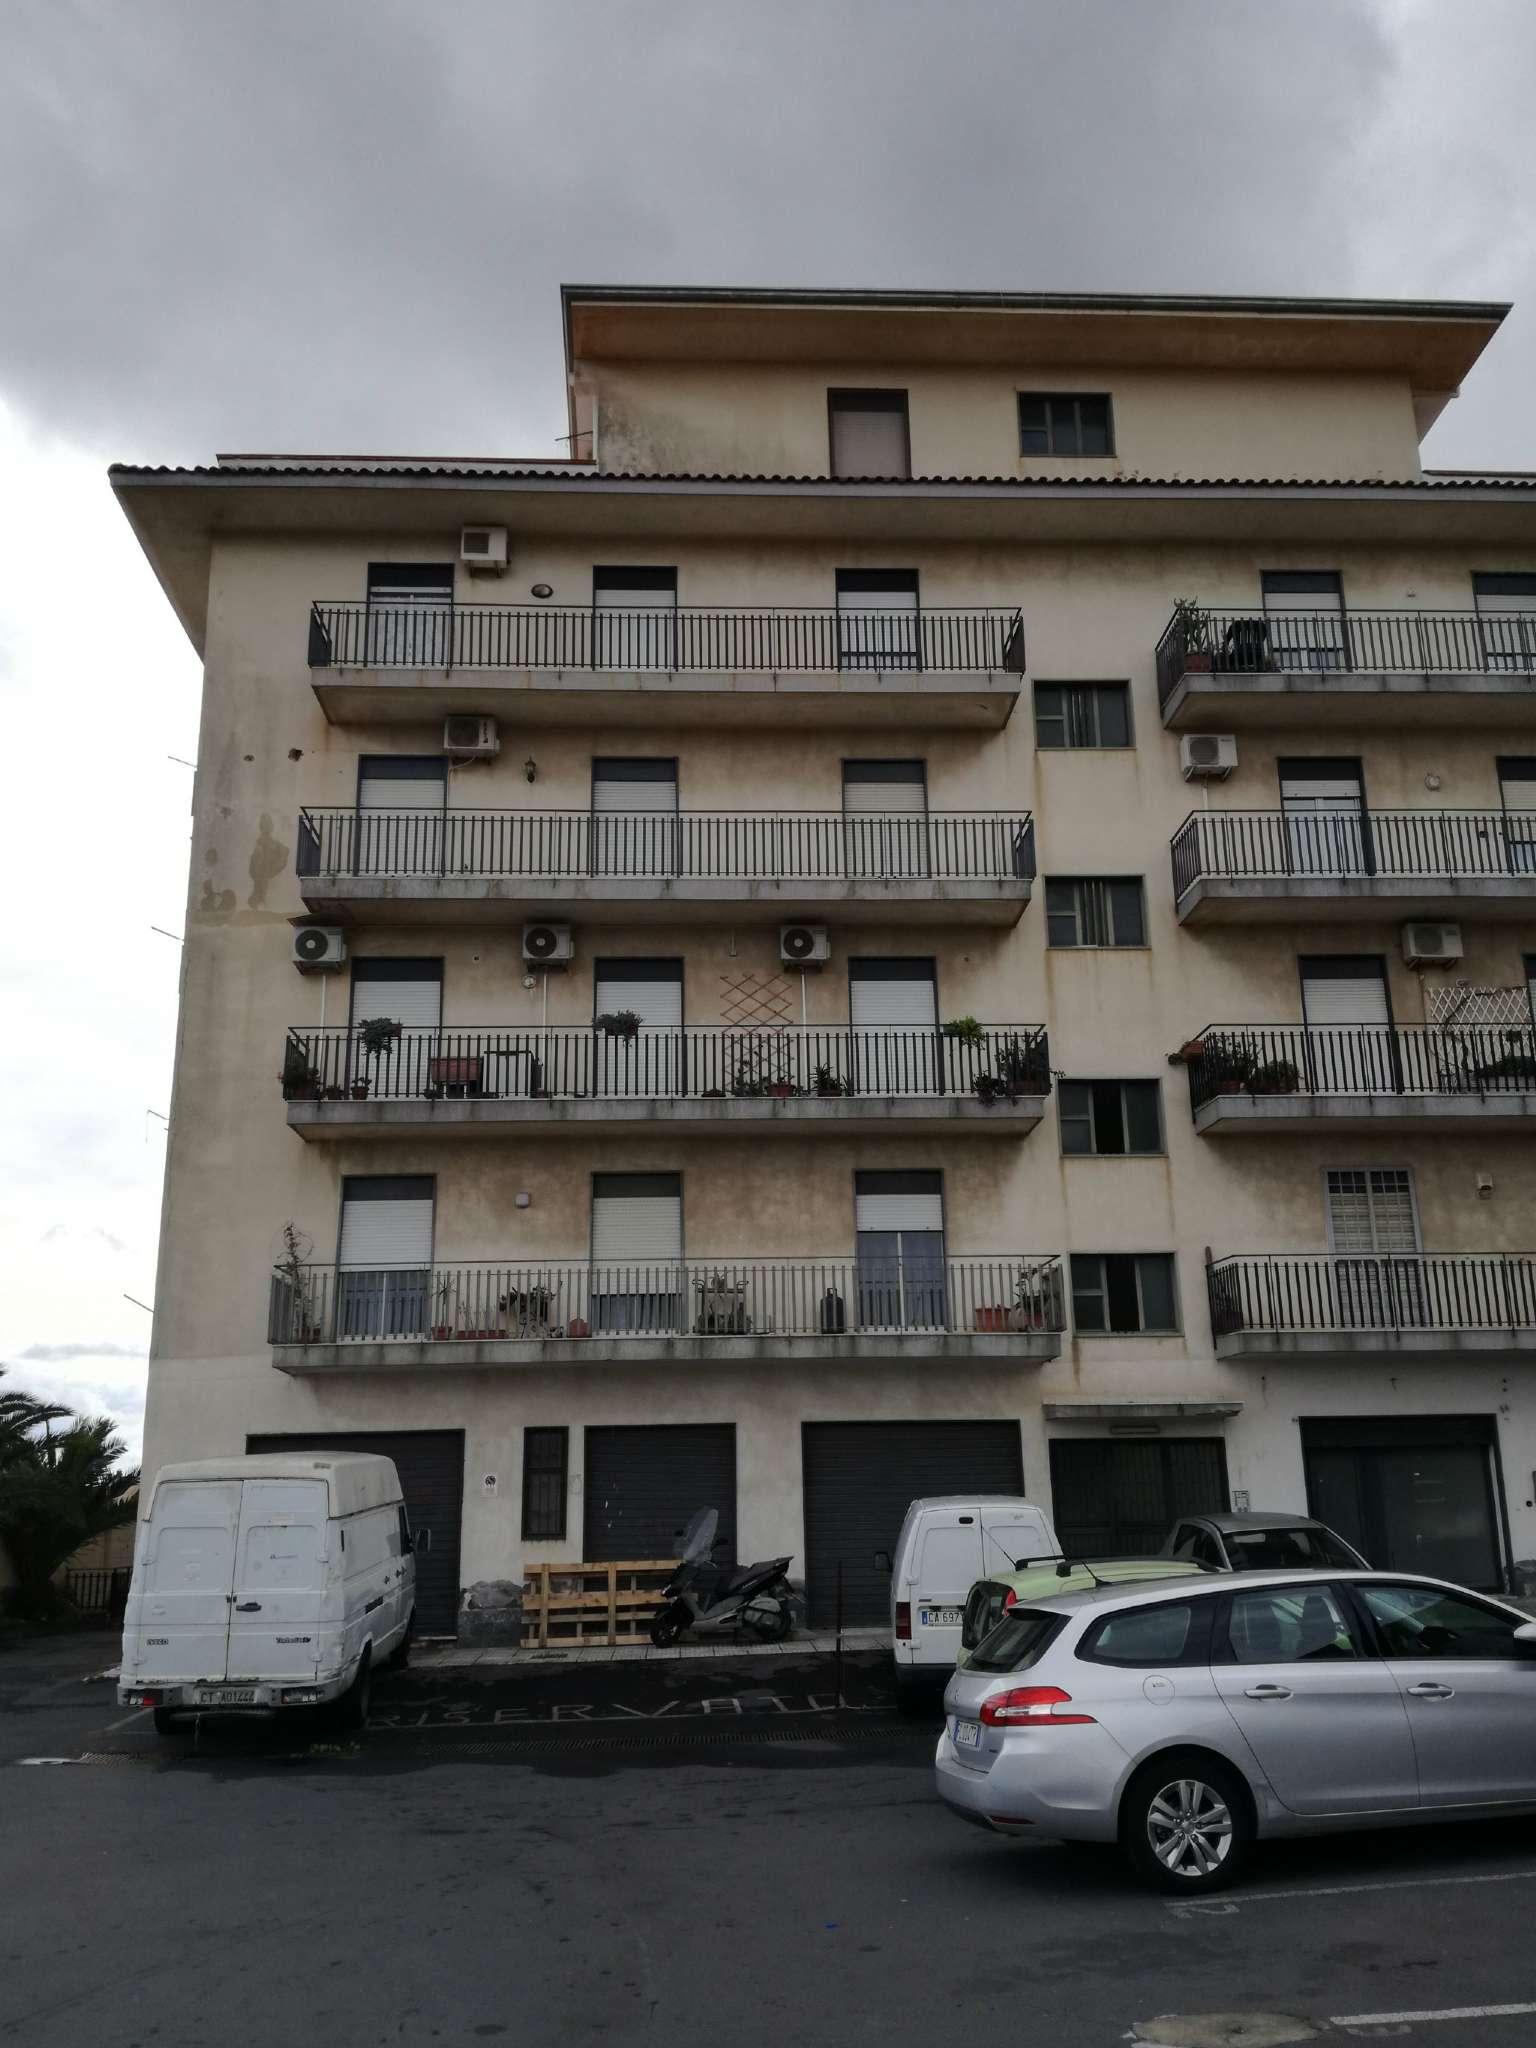 Appartamento in vendita a Mascalucia, 4 locali, prezzo € 100.000 | CambioCasa.it